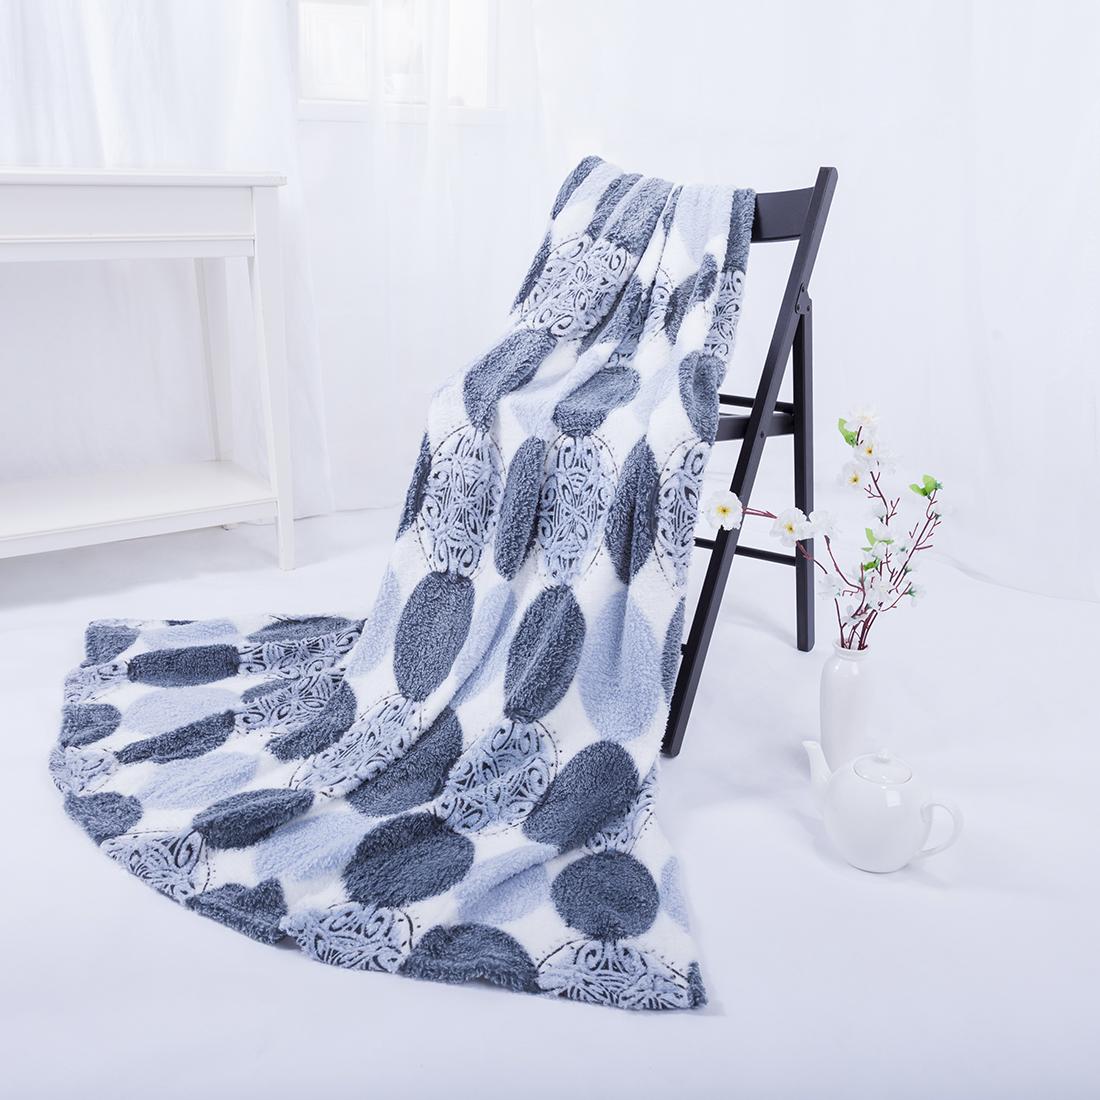 Купить Пледы и покрывала Eleganta, Плед Круги (180х200), Китай, Бамбуковый флис